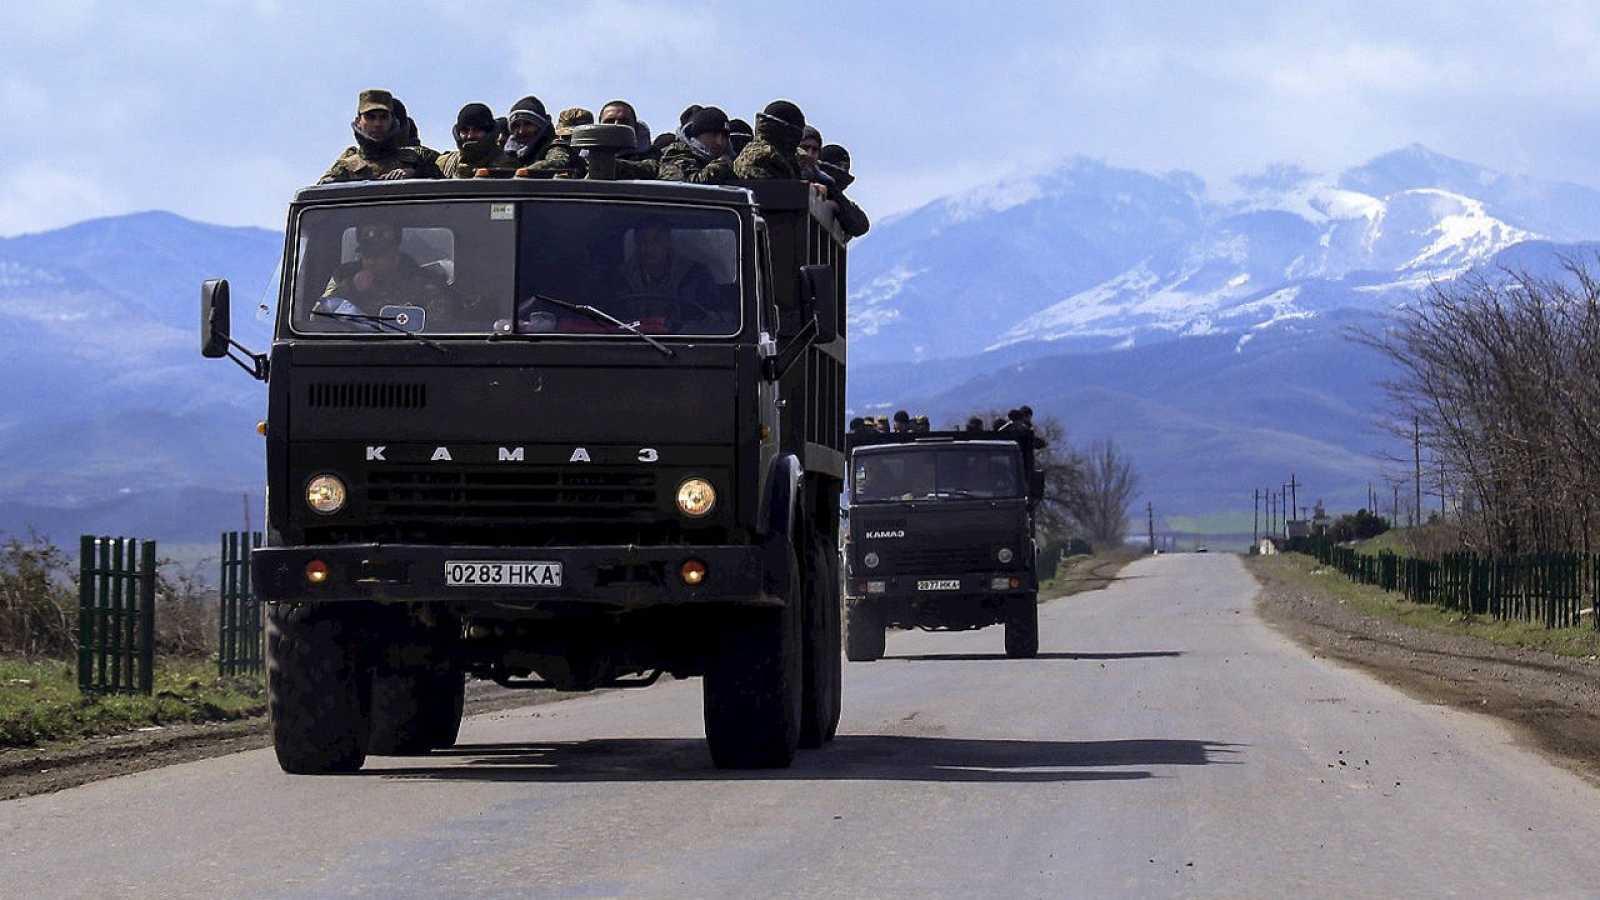 Transporte de voluntarios para sumarse a la milicia de Nagorno Karabak, enclave disputado entre Azerbaiyán y Armenia, el 4 de abril de 2016. REUTERS/Hrayr Badalyan/PAN Photo